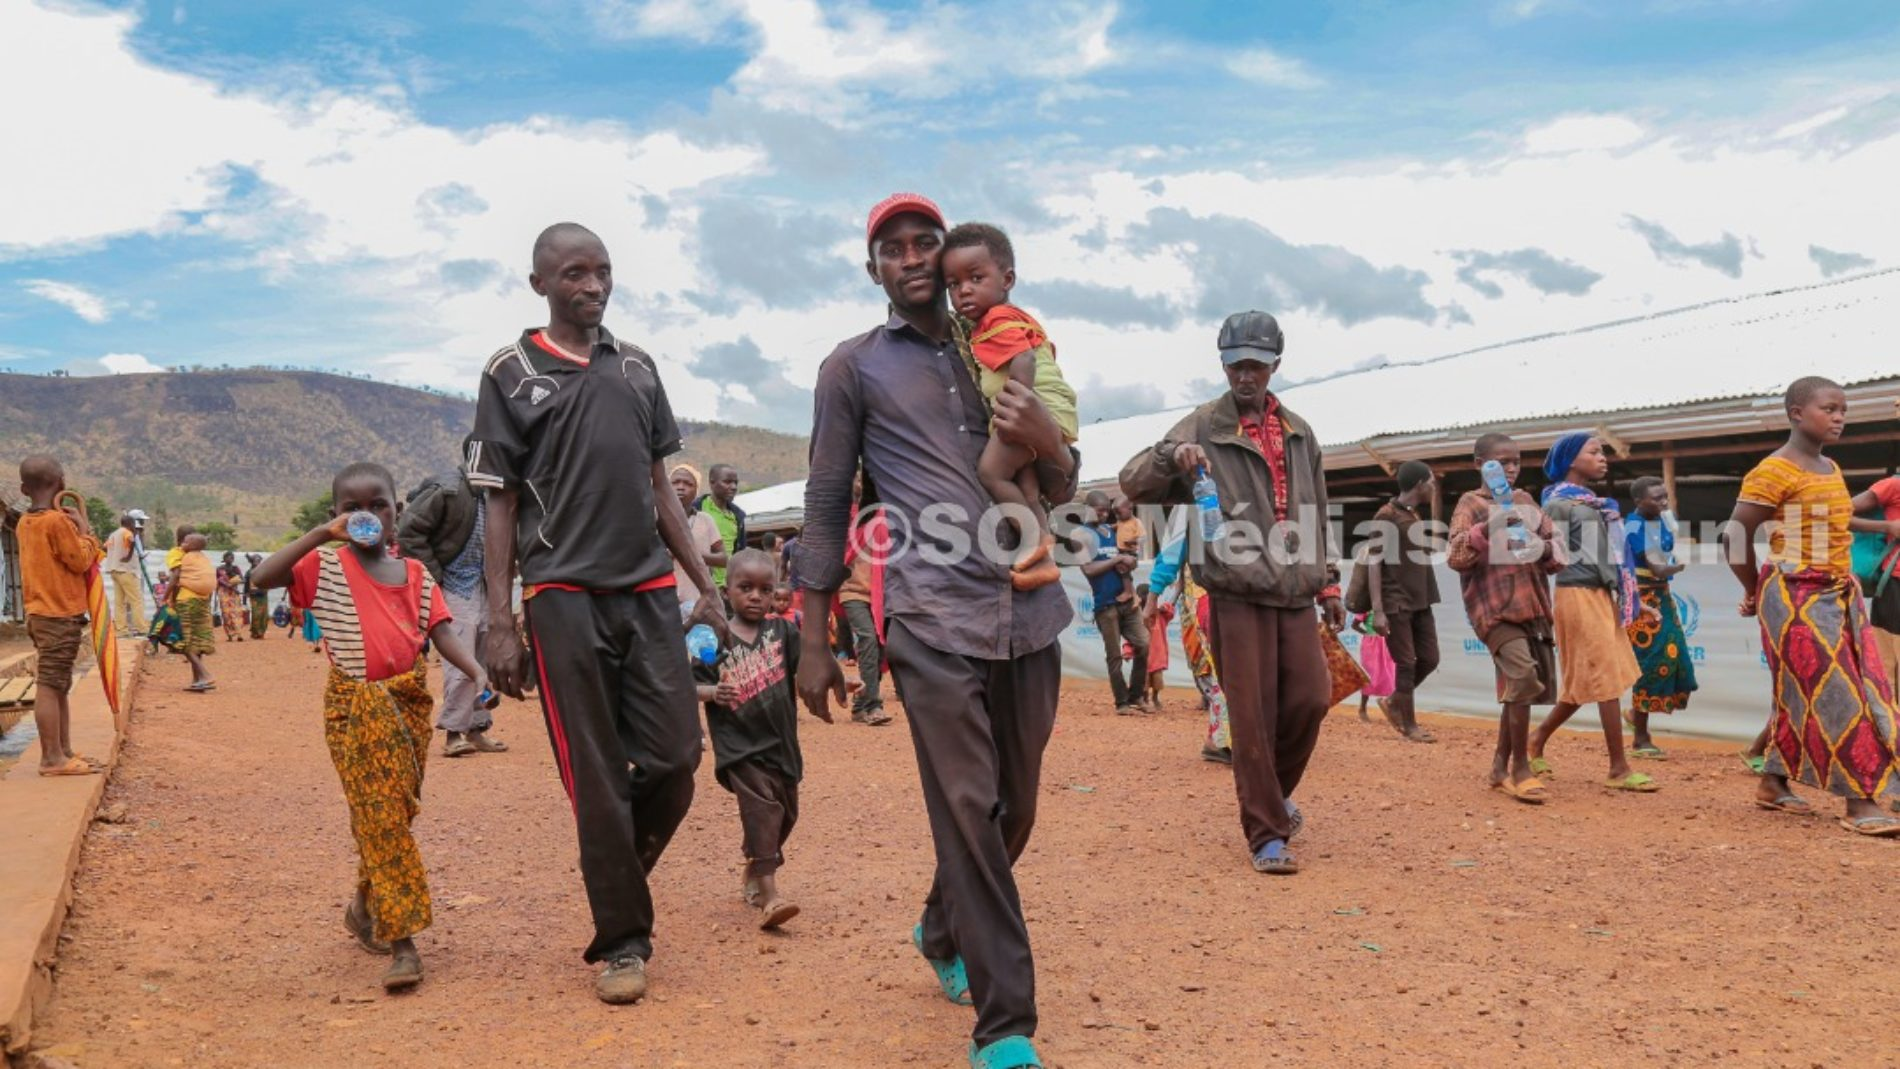 Tanzanie : fort engouement de rapatriement chez des réfugiés burundais